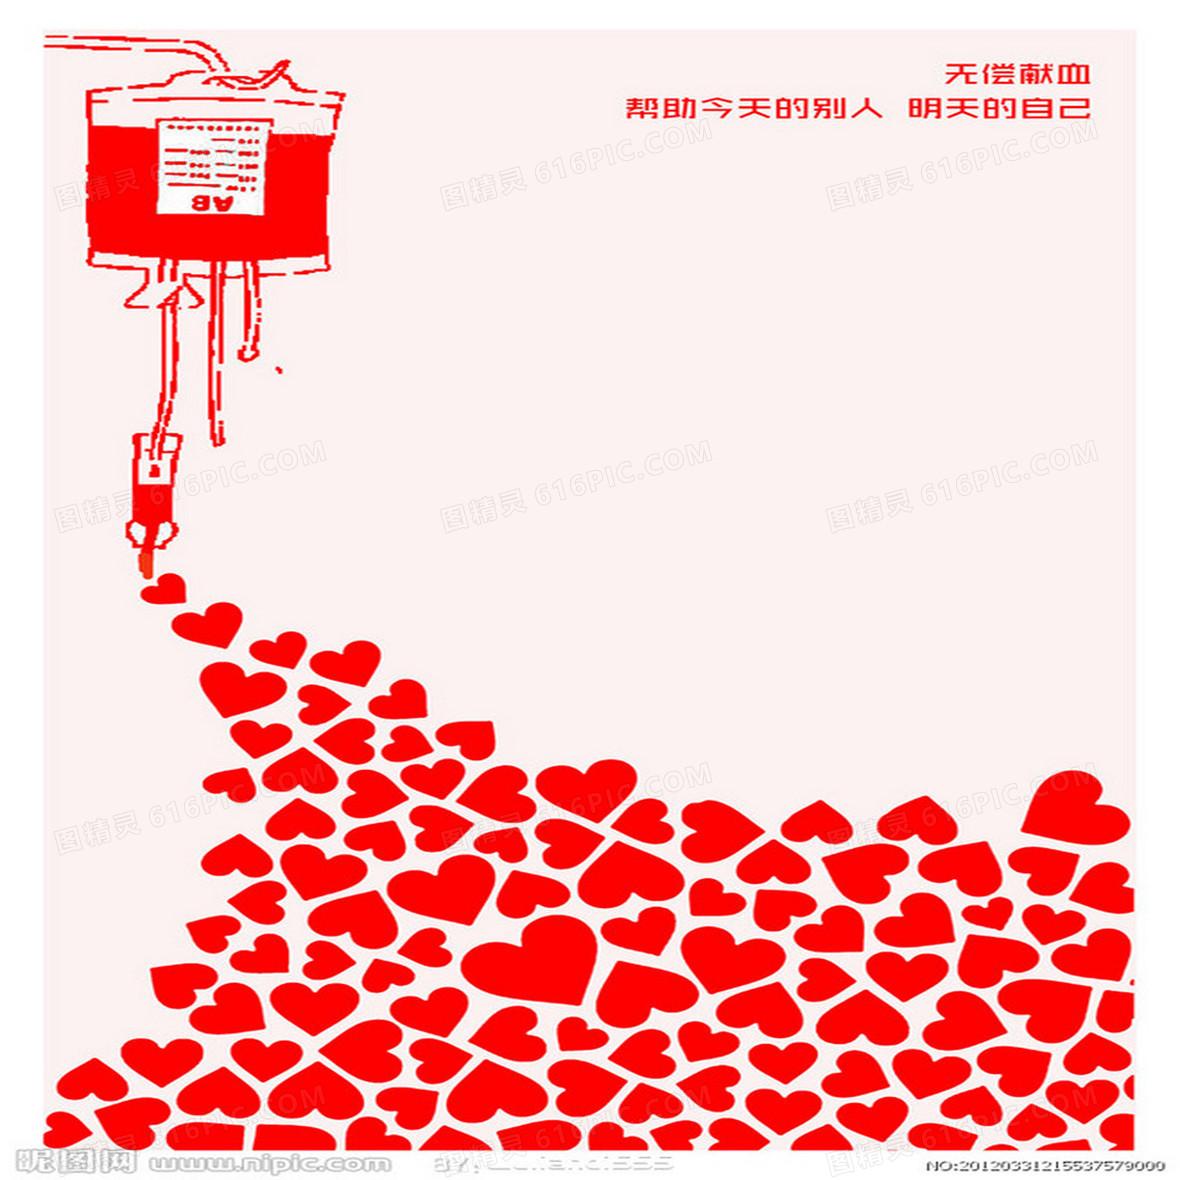 奉献爱心无偿献血创意背景图图片